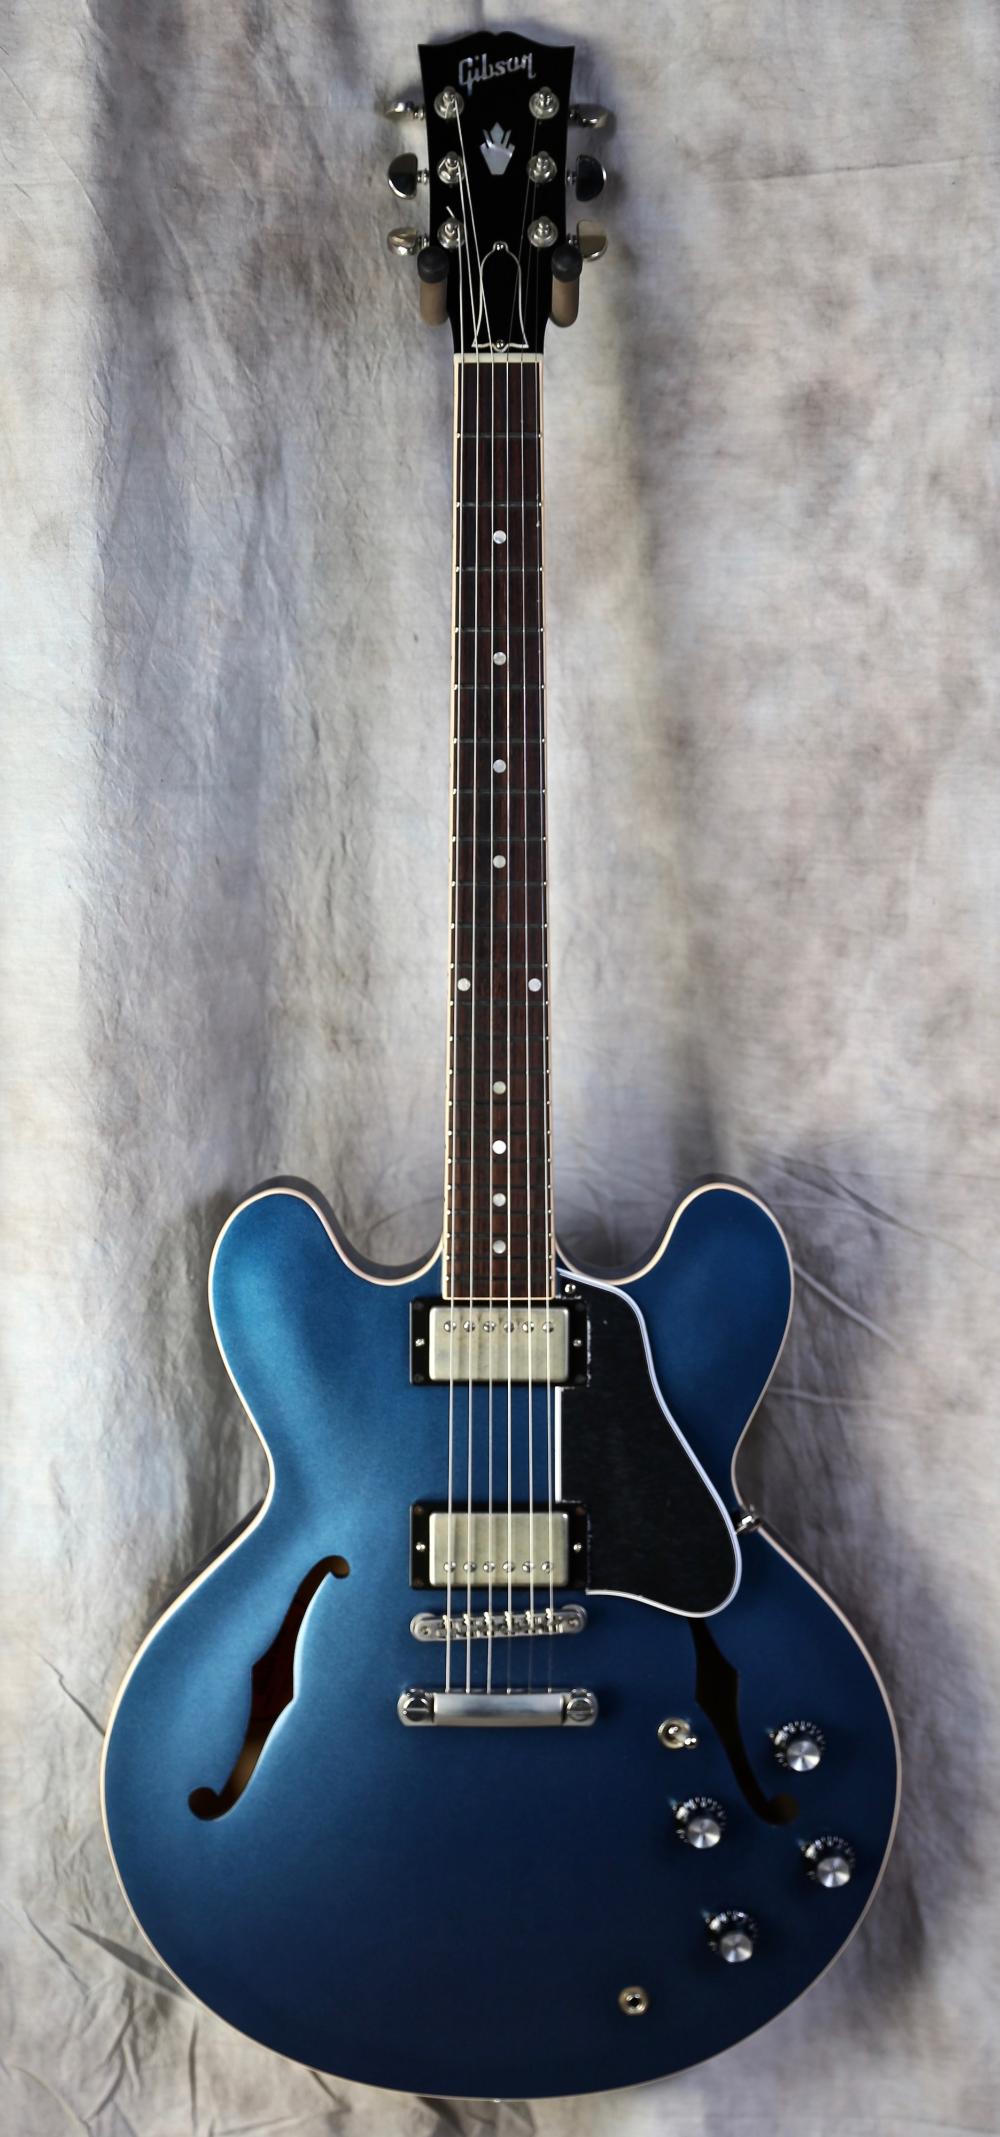 2019 Gibson Es 335 Ltd Harbor Blue Gibson Es 335 Gibson Guitars Guitar